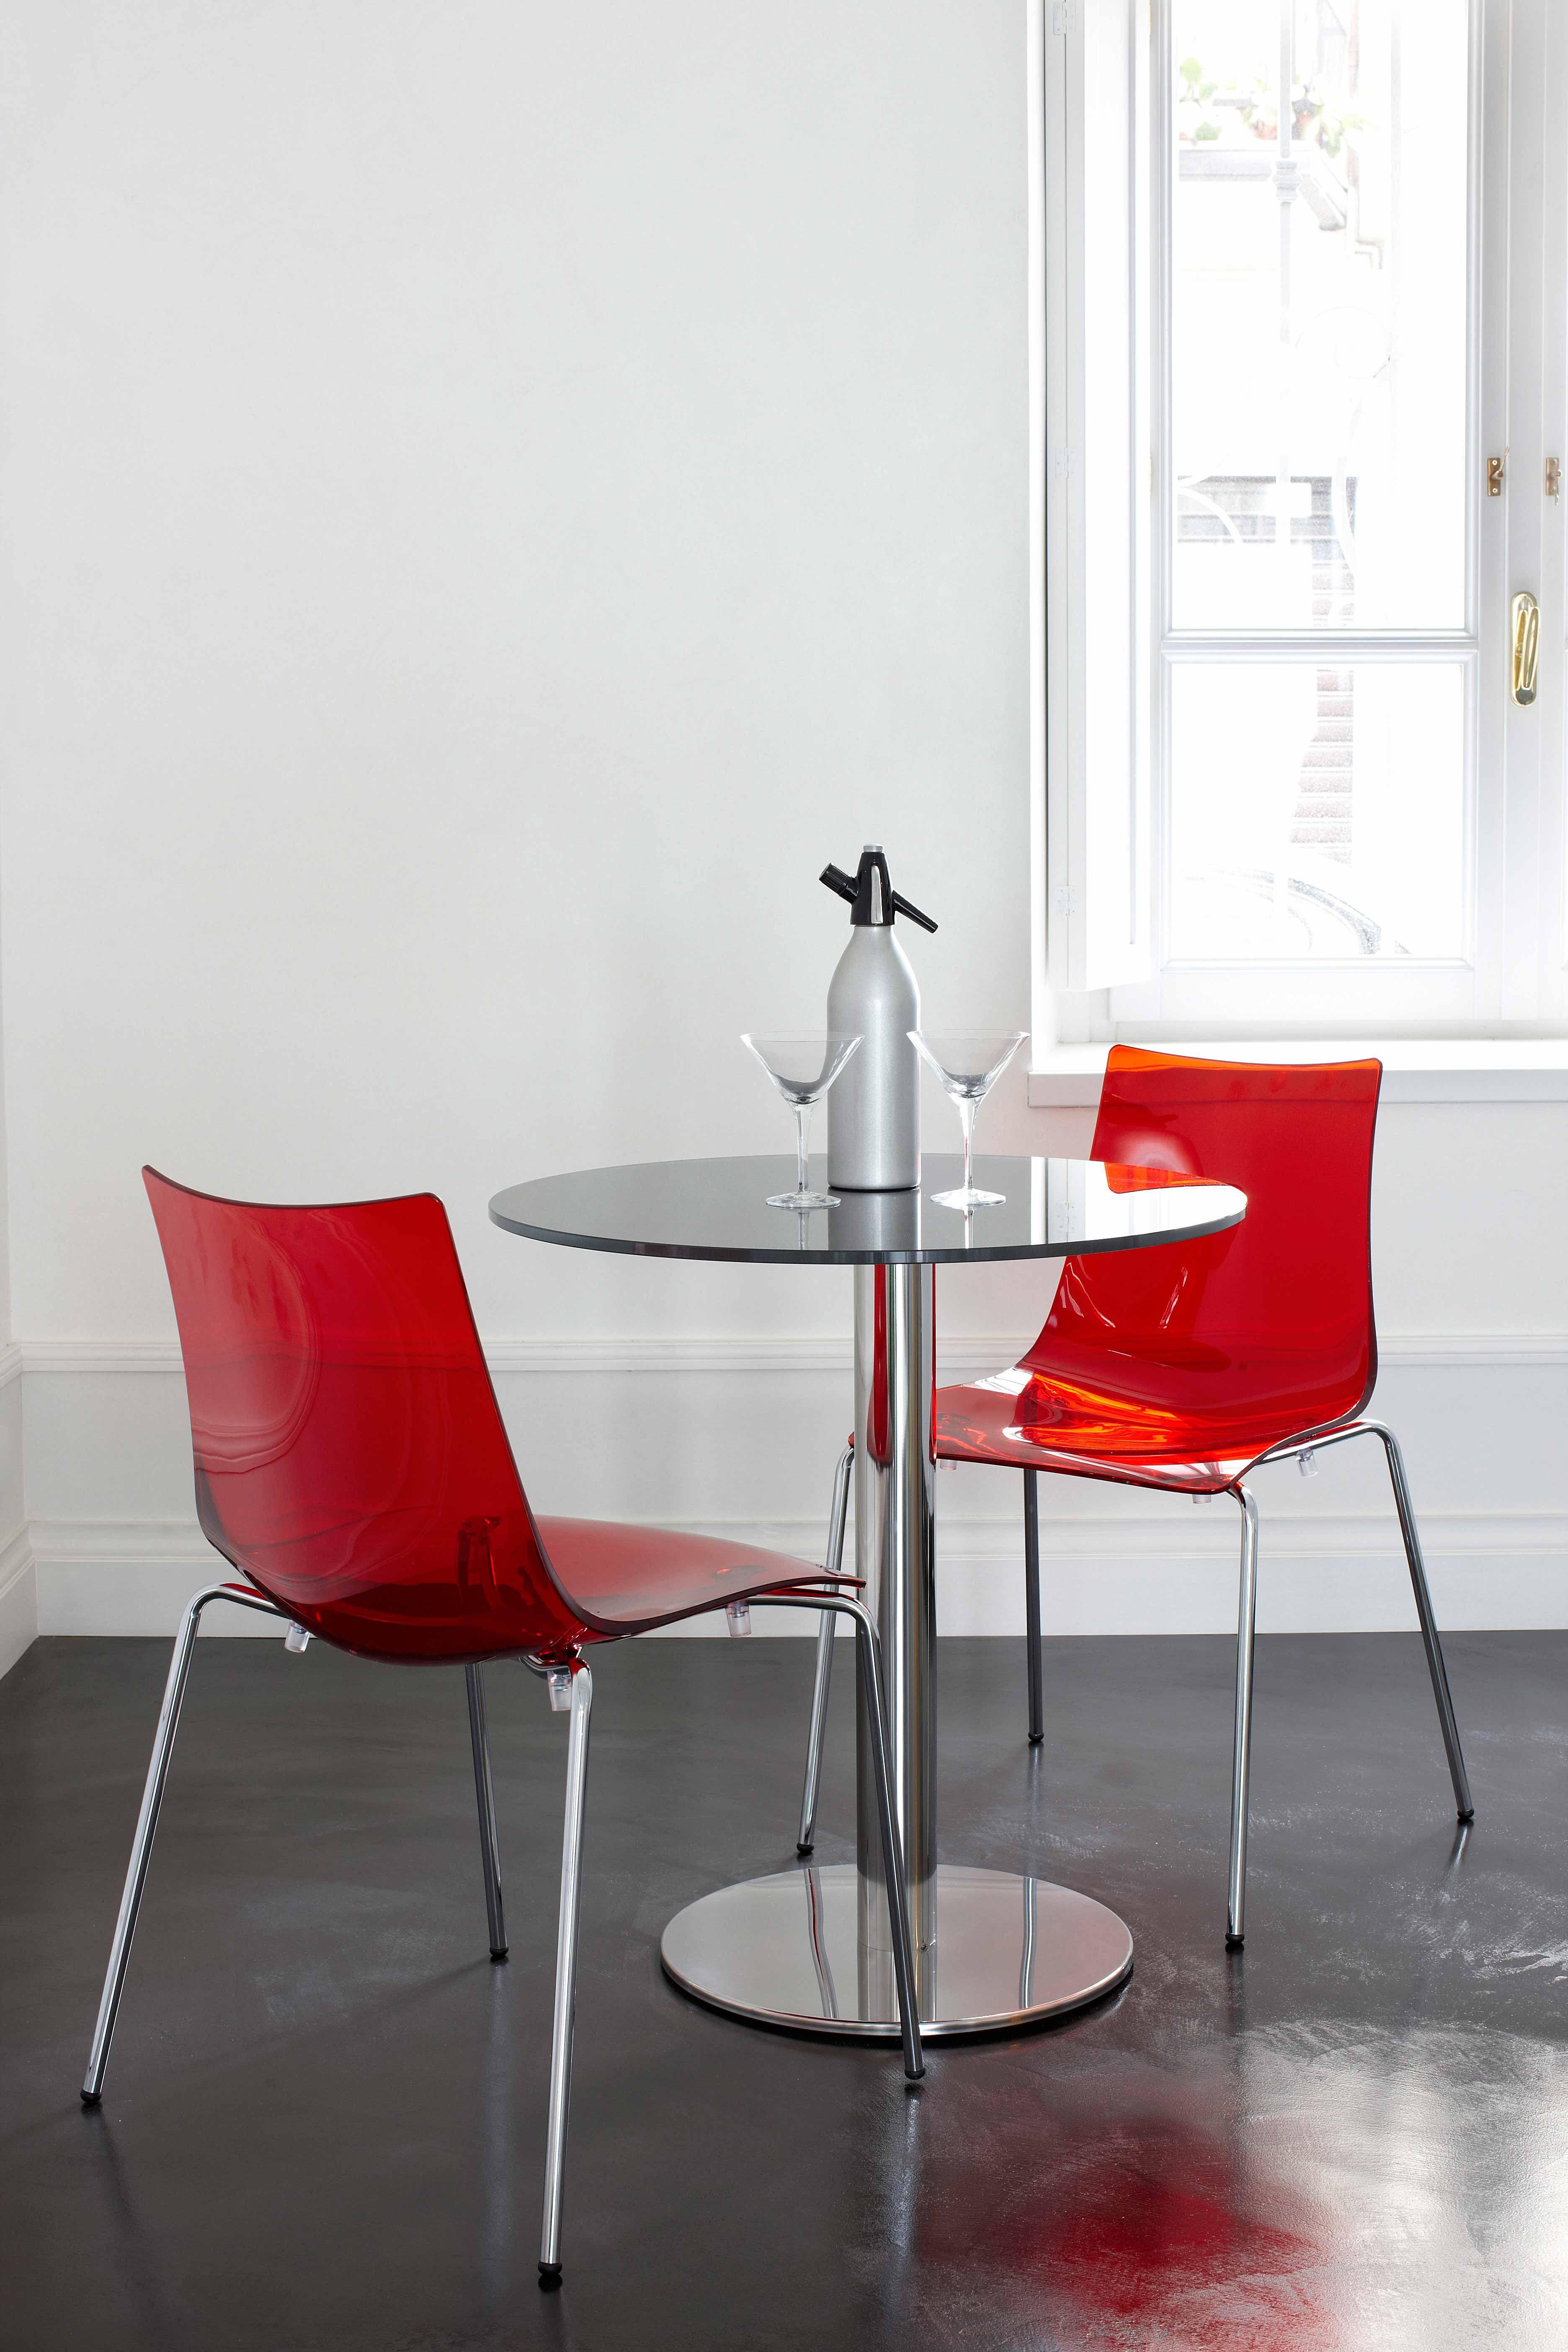 12010d5c53f268702dd945007b4dbae9 Frais De Table Basse Design Transparente Conception